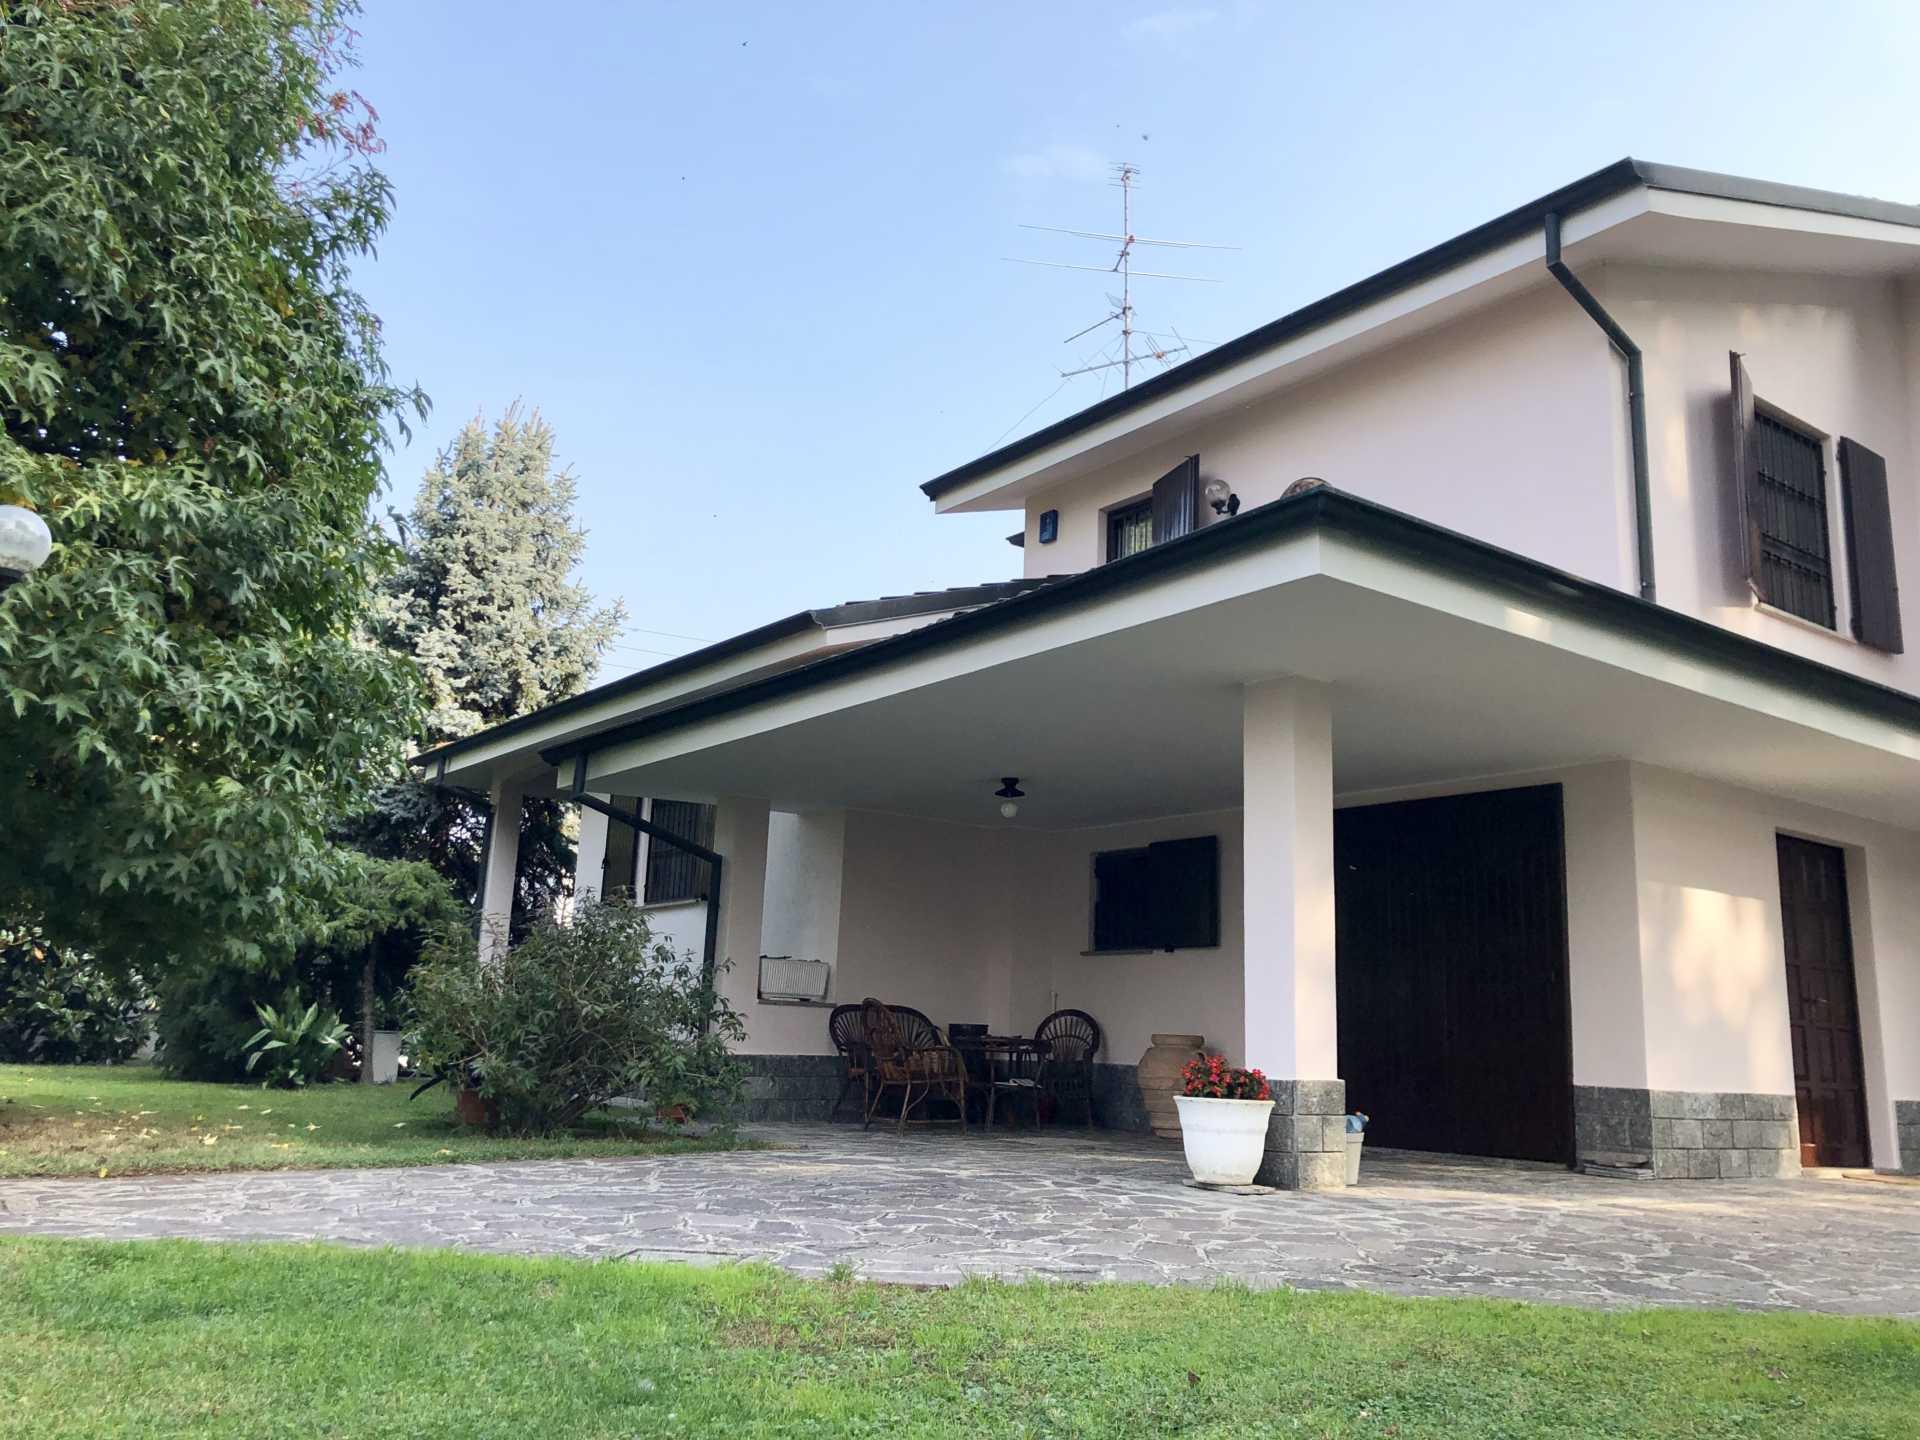 Villa-singola-in-vendita-a-Massalengo (16)